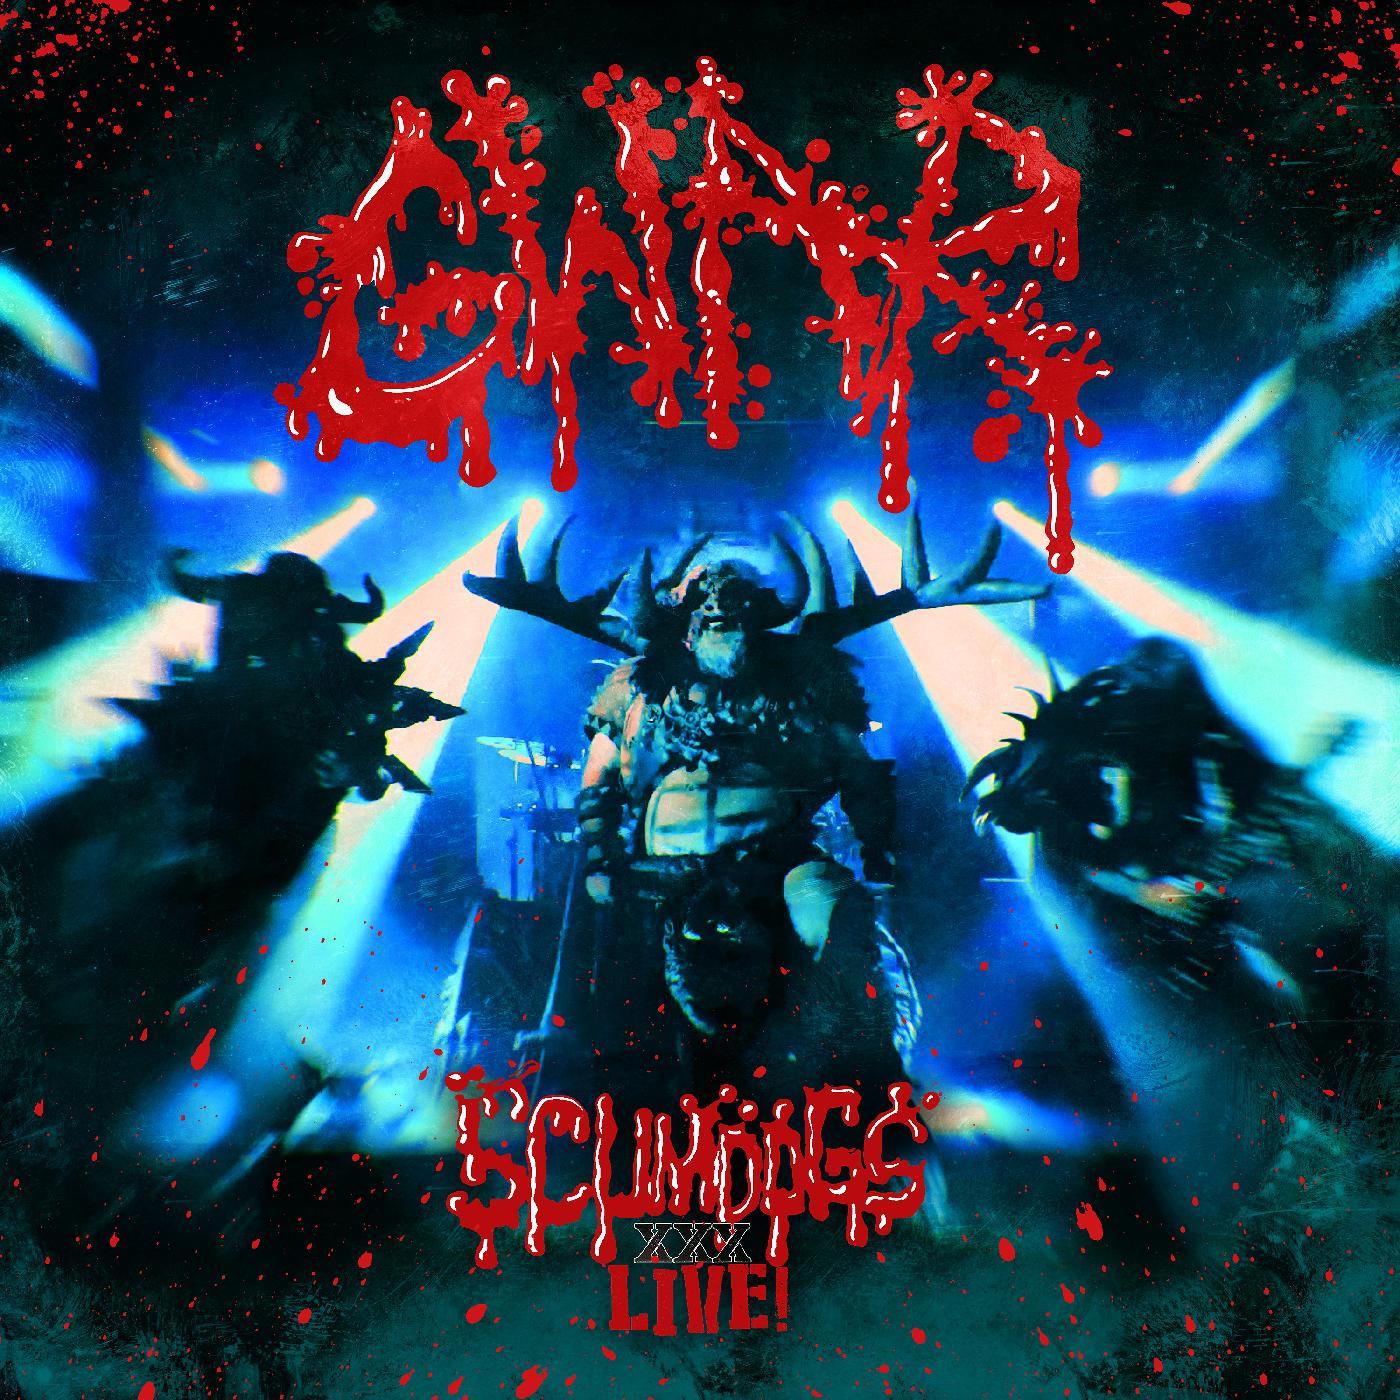 Gwar – Scumdogs XXX Live!